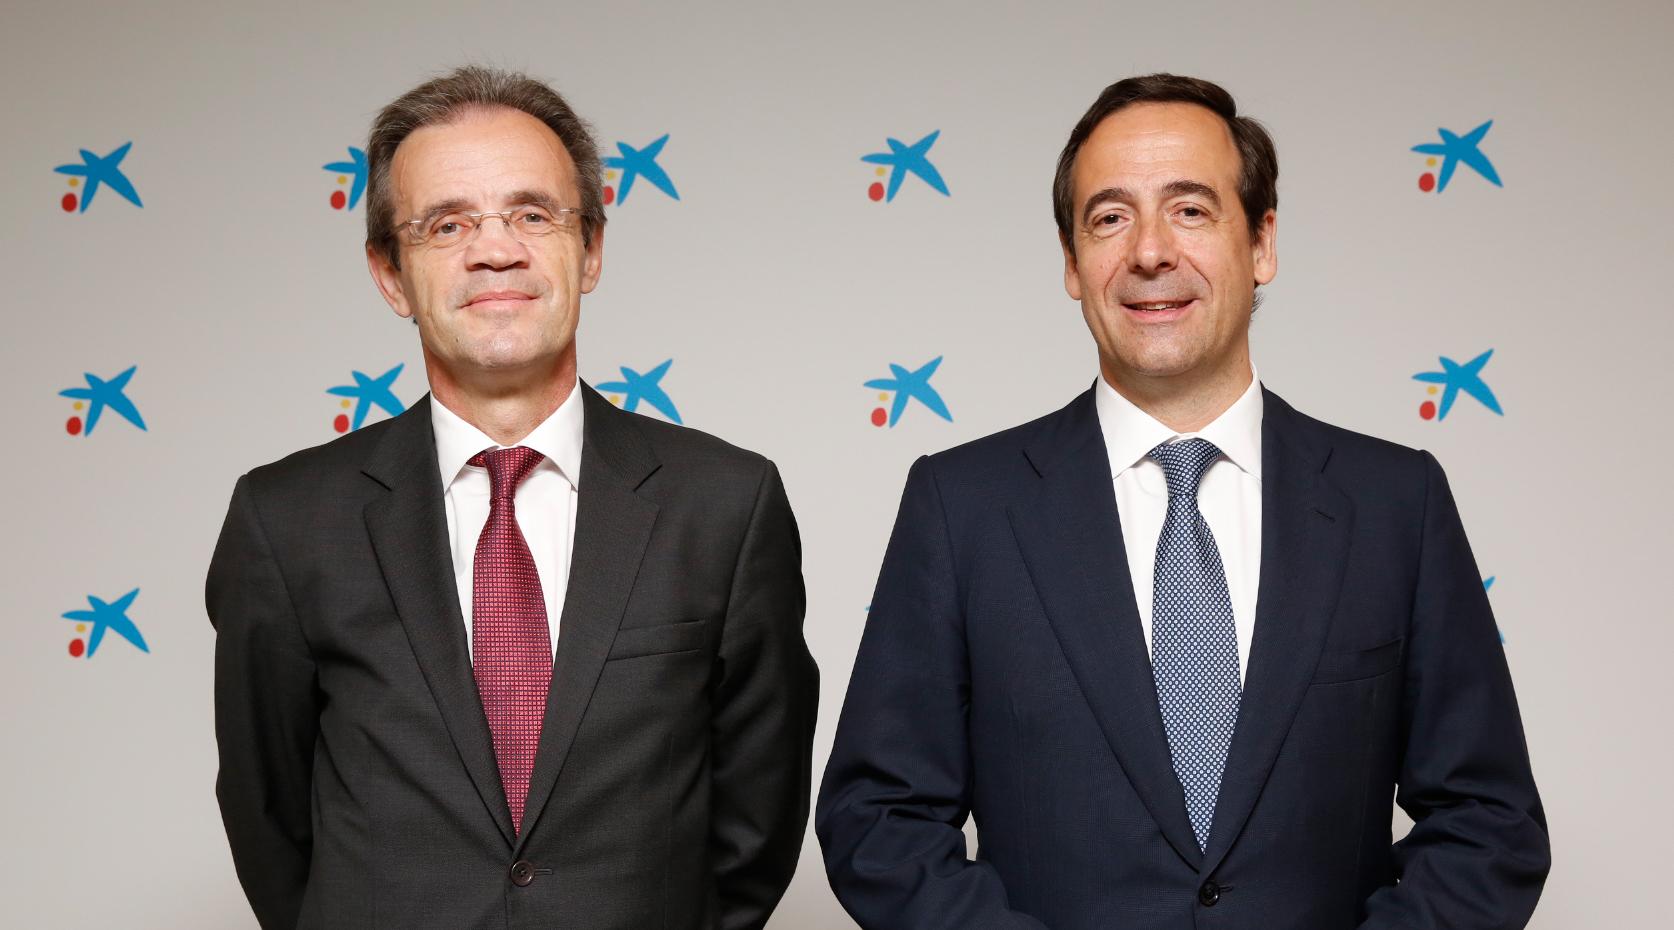 El presidente de CaixaBank, Jordi Gual, y el consejero delegado, Gonzalo Gortázar.